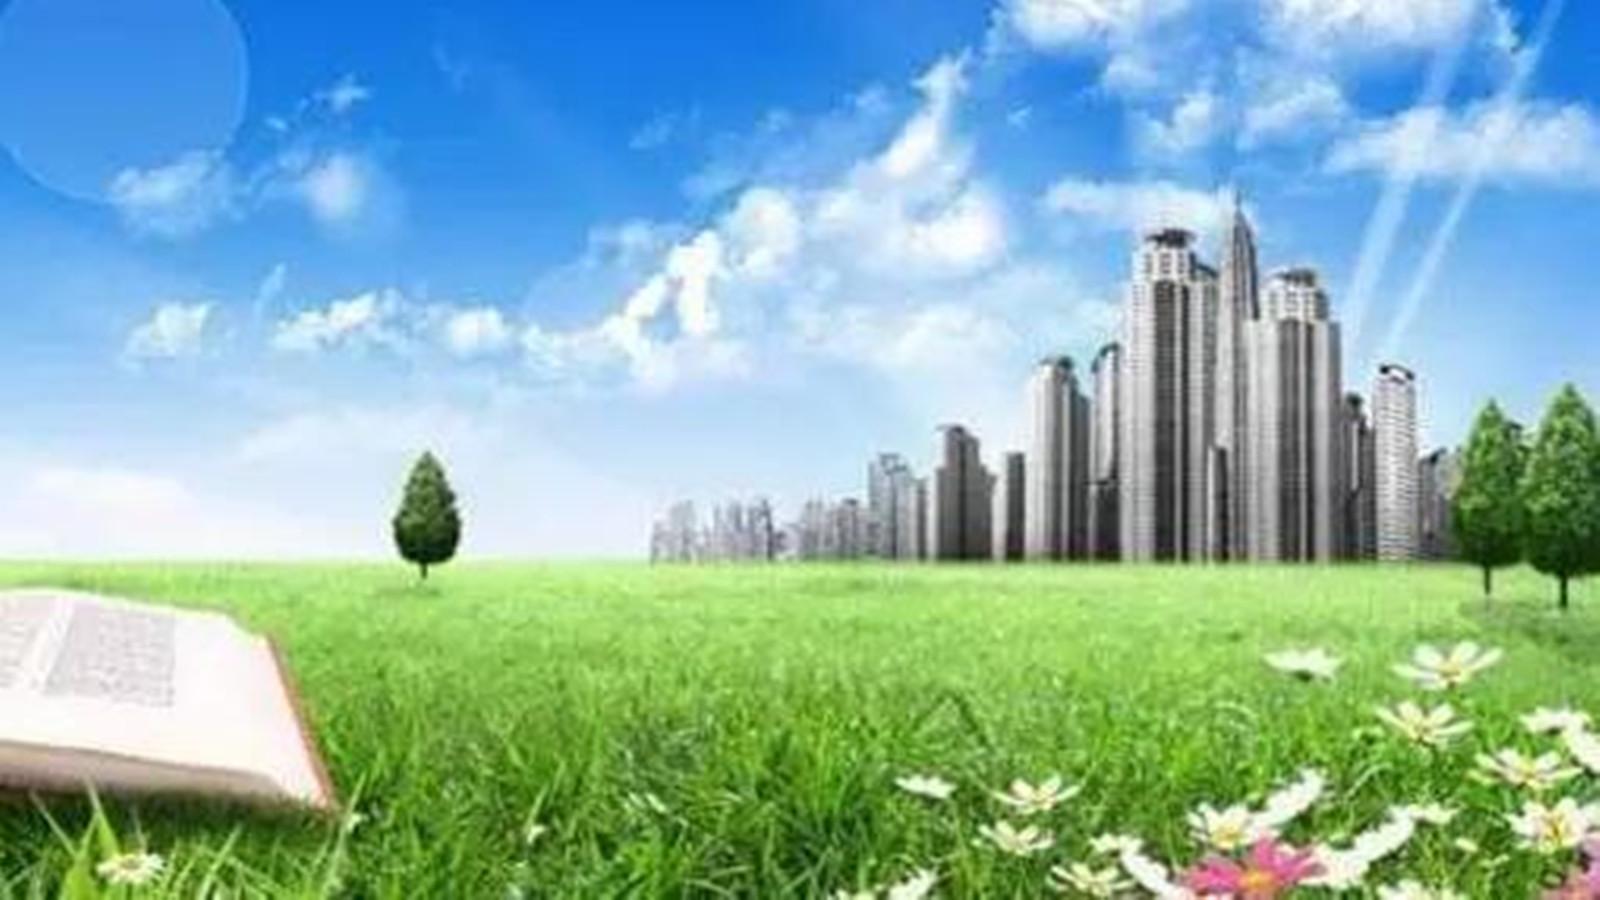 建筑节能保温材料起着难以替代的重要作用